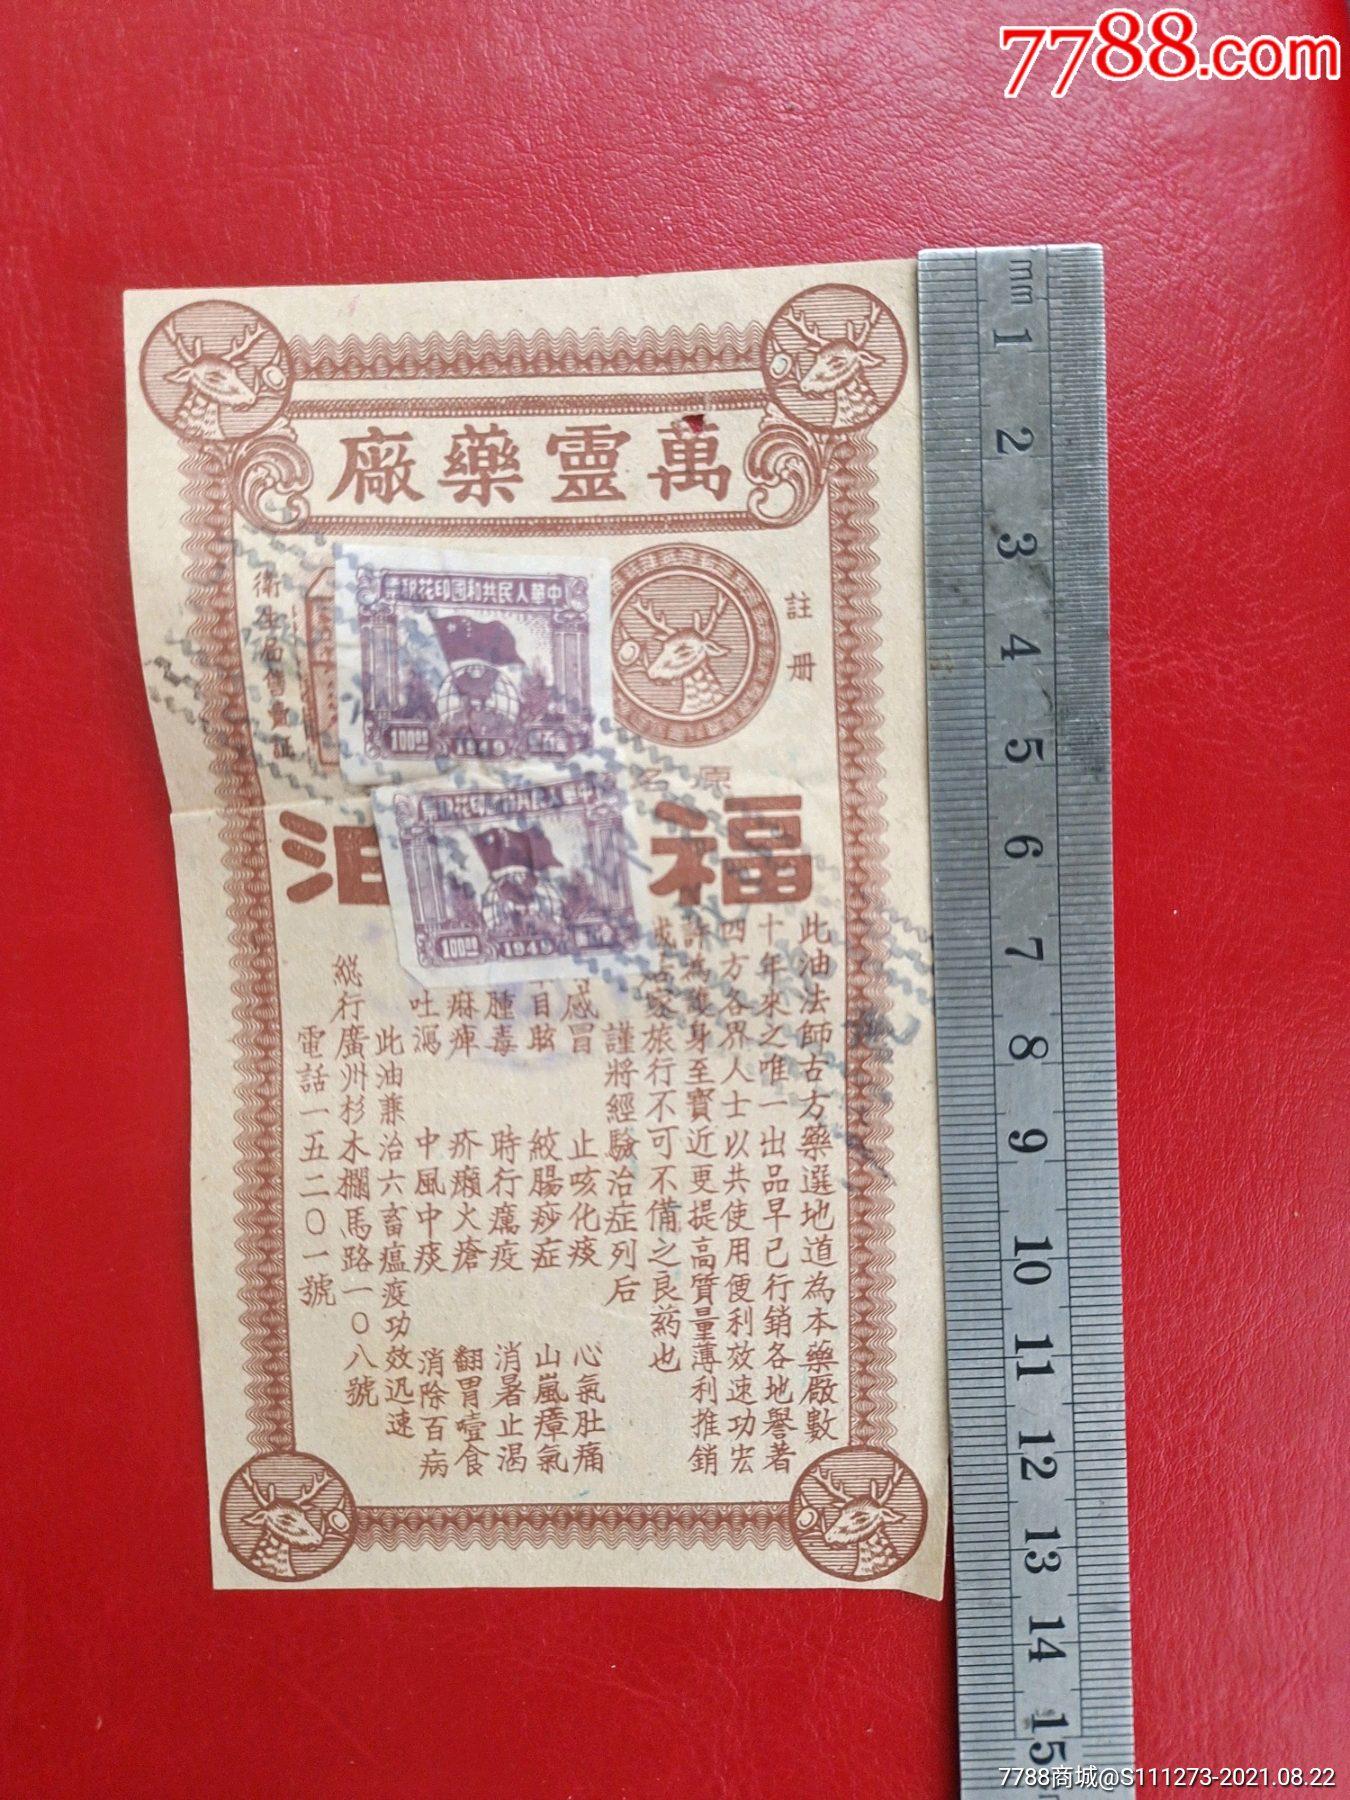 民國廣州萬靈藥廠藥標單加貼49年印花稅票_價格49元_第7張_